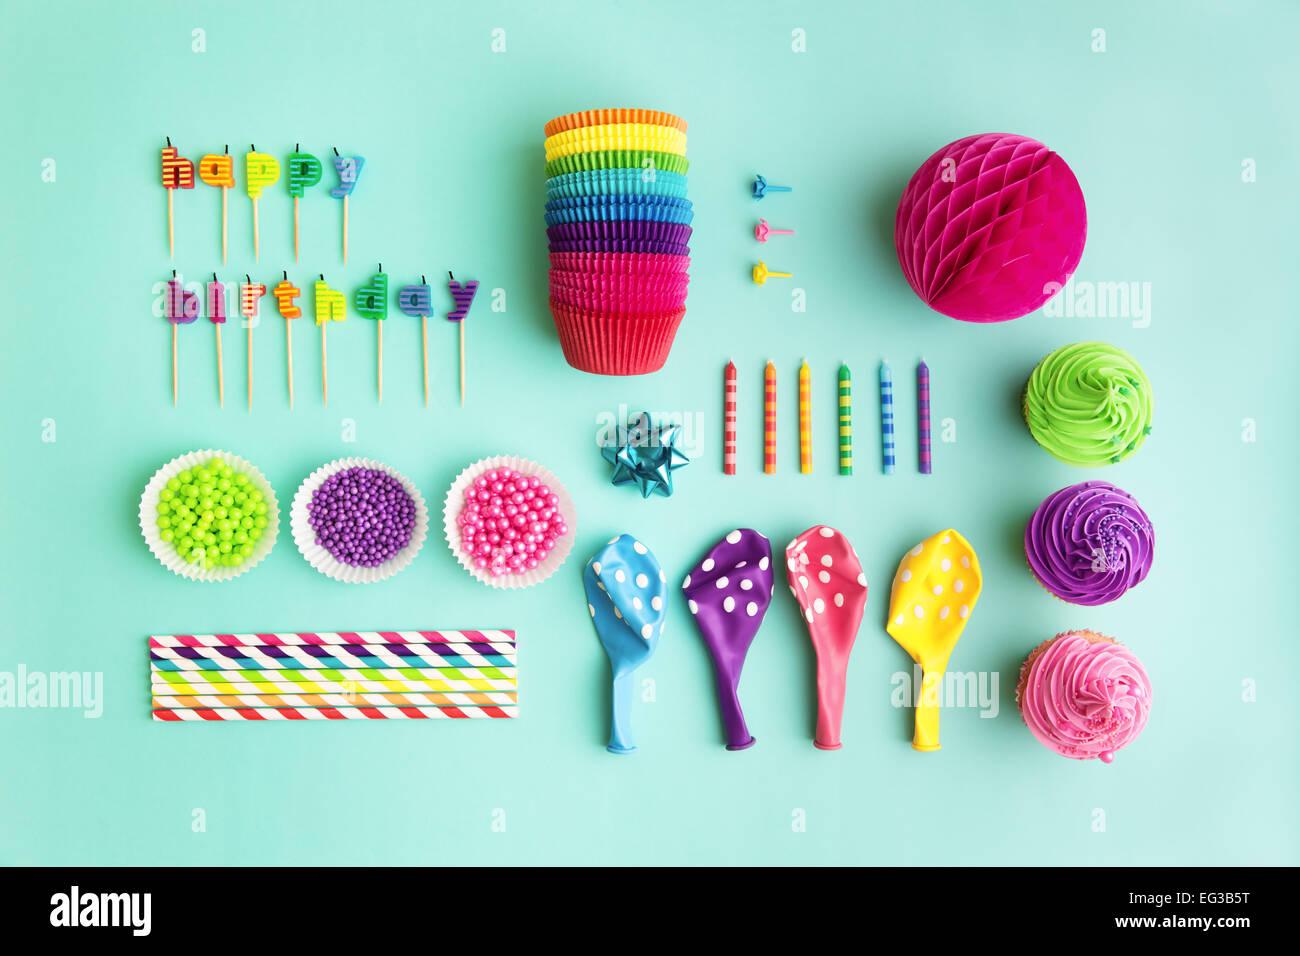 Vista aérea de la fiesta de cumpleaños de colección de objetos Imagen De Stock